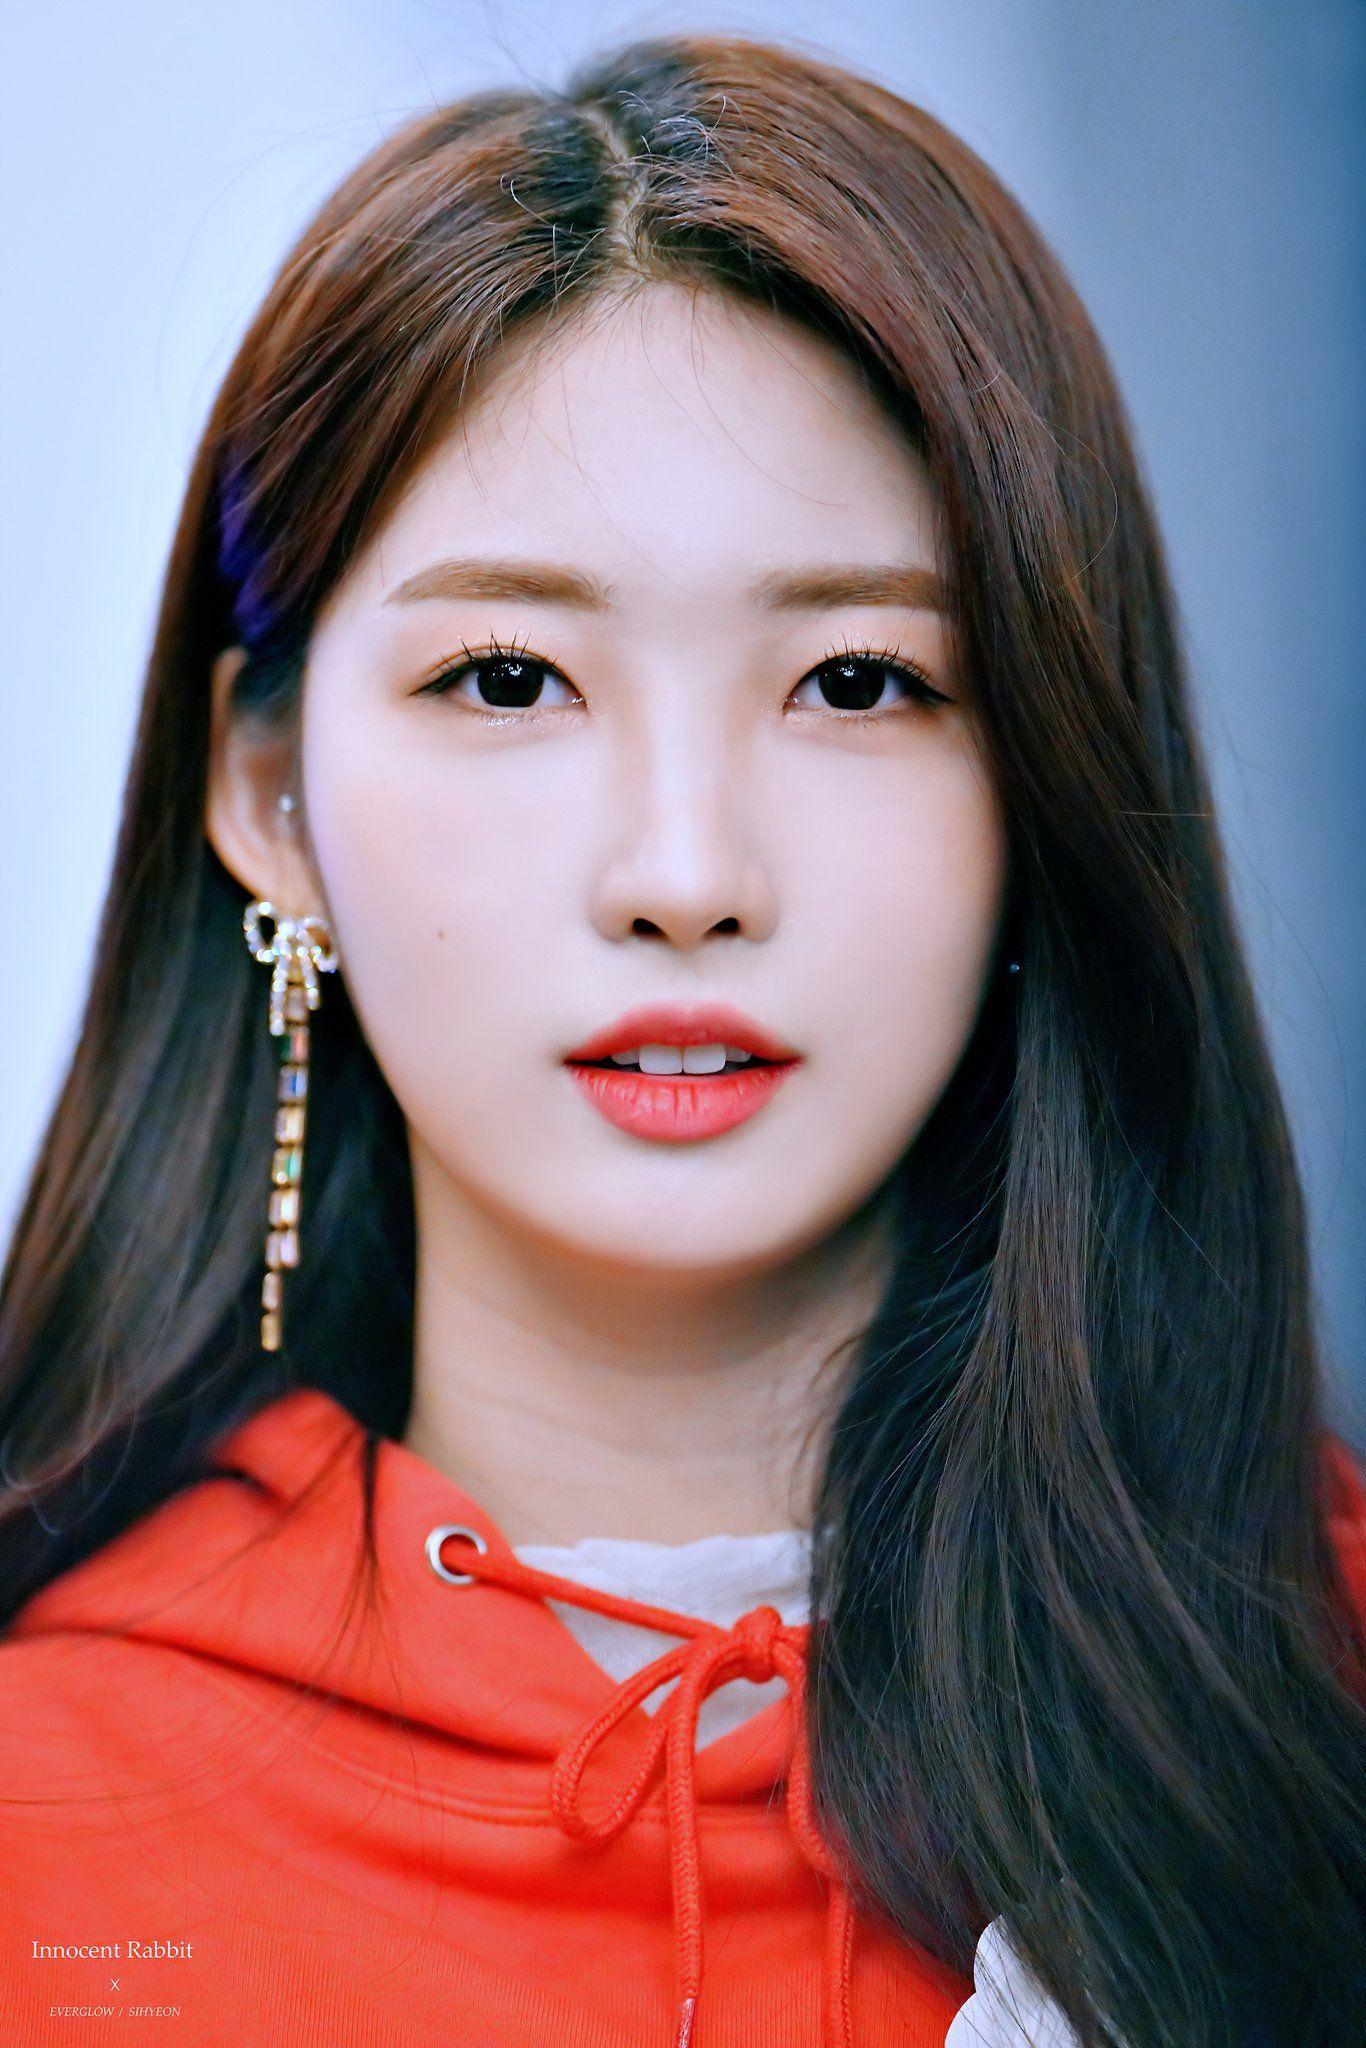 Innocent Rabbit On Twitter Kpop Girls Kpop Girl Groups Singer Fashion